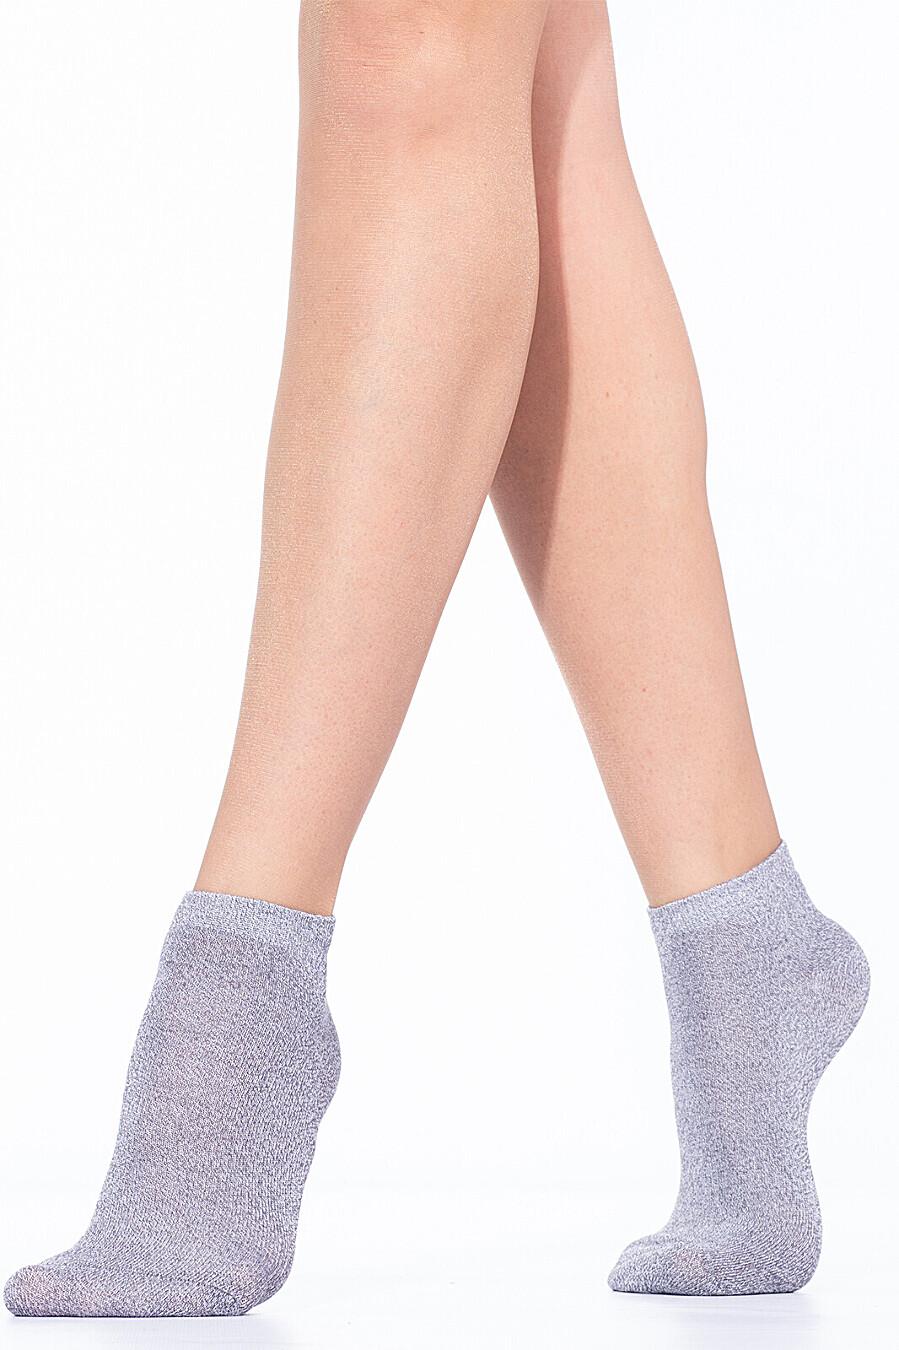 Носки для женщин MINIMI 155810 купить оптом от производителя. Совместная покупка женской одежды в OptMoyo